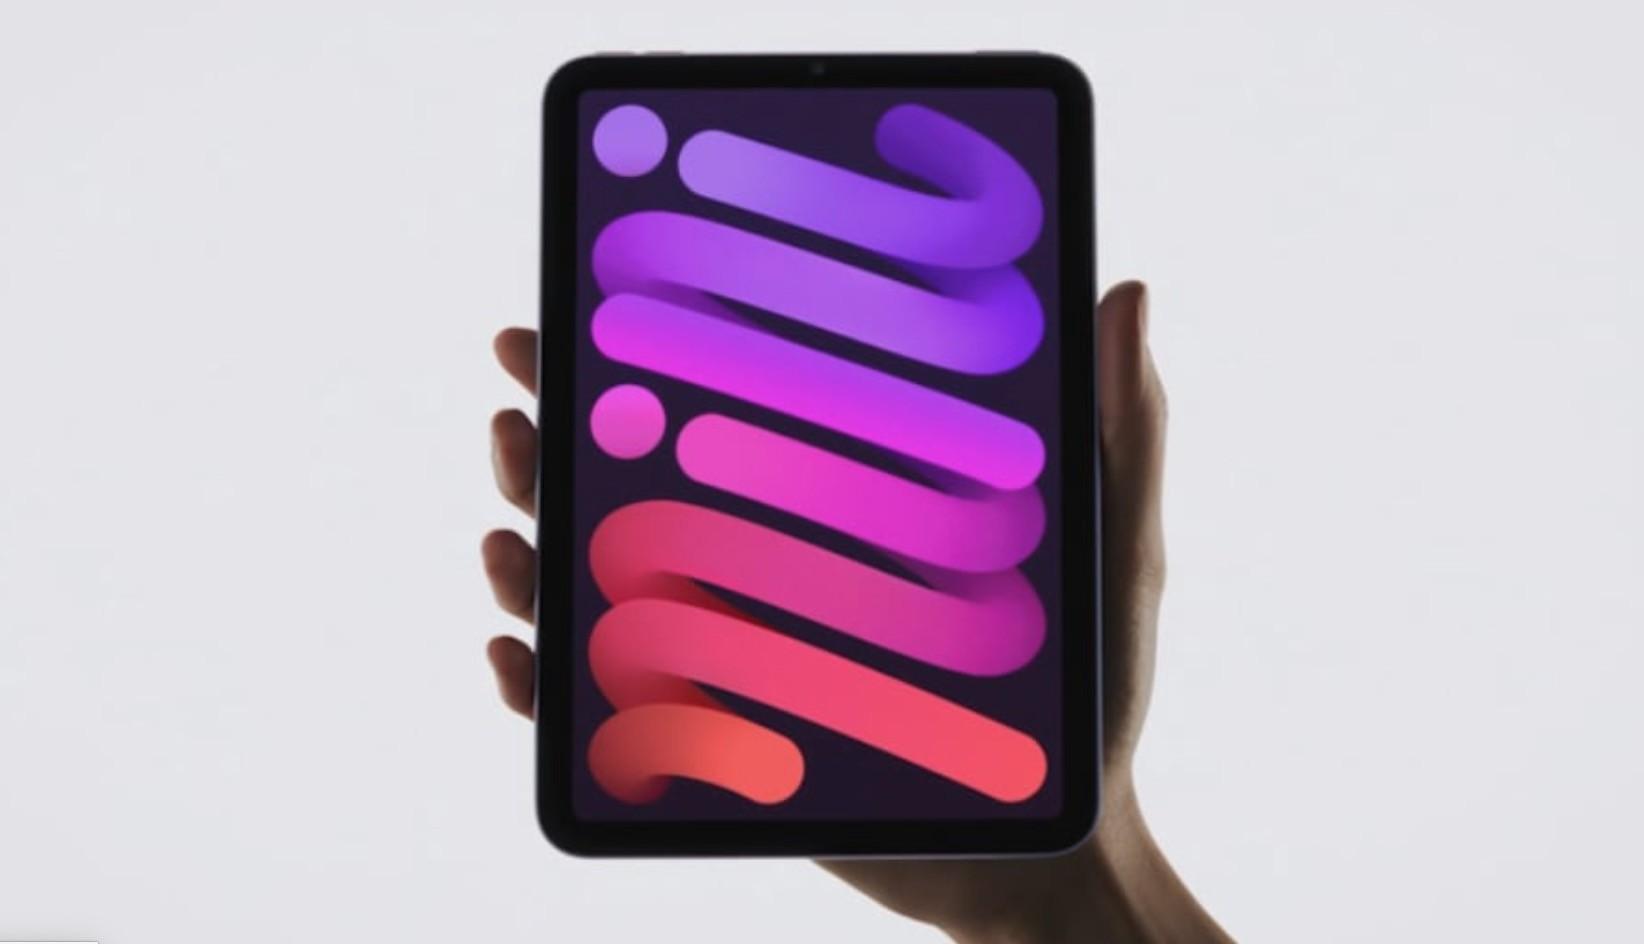 Apple przedstawia nowego iPada mini z oszałamiającym, nowym wyglądem ciekawostki, box ipad mini oficjlanie, iPad mini 2021, iPad mini, bezramkowy ipad mini  Kolejny urządzeniem, który pojawił się na dzisiejszej prezentacji Apple był zupełnie nowy z oszałamiającym, nowym wyglądem iPad mni. Poznajcie go już teraz! 1@2x 5